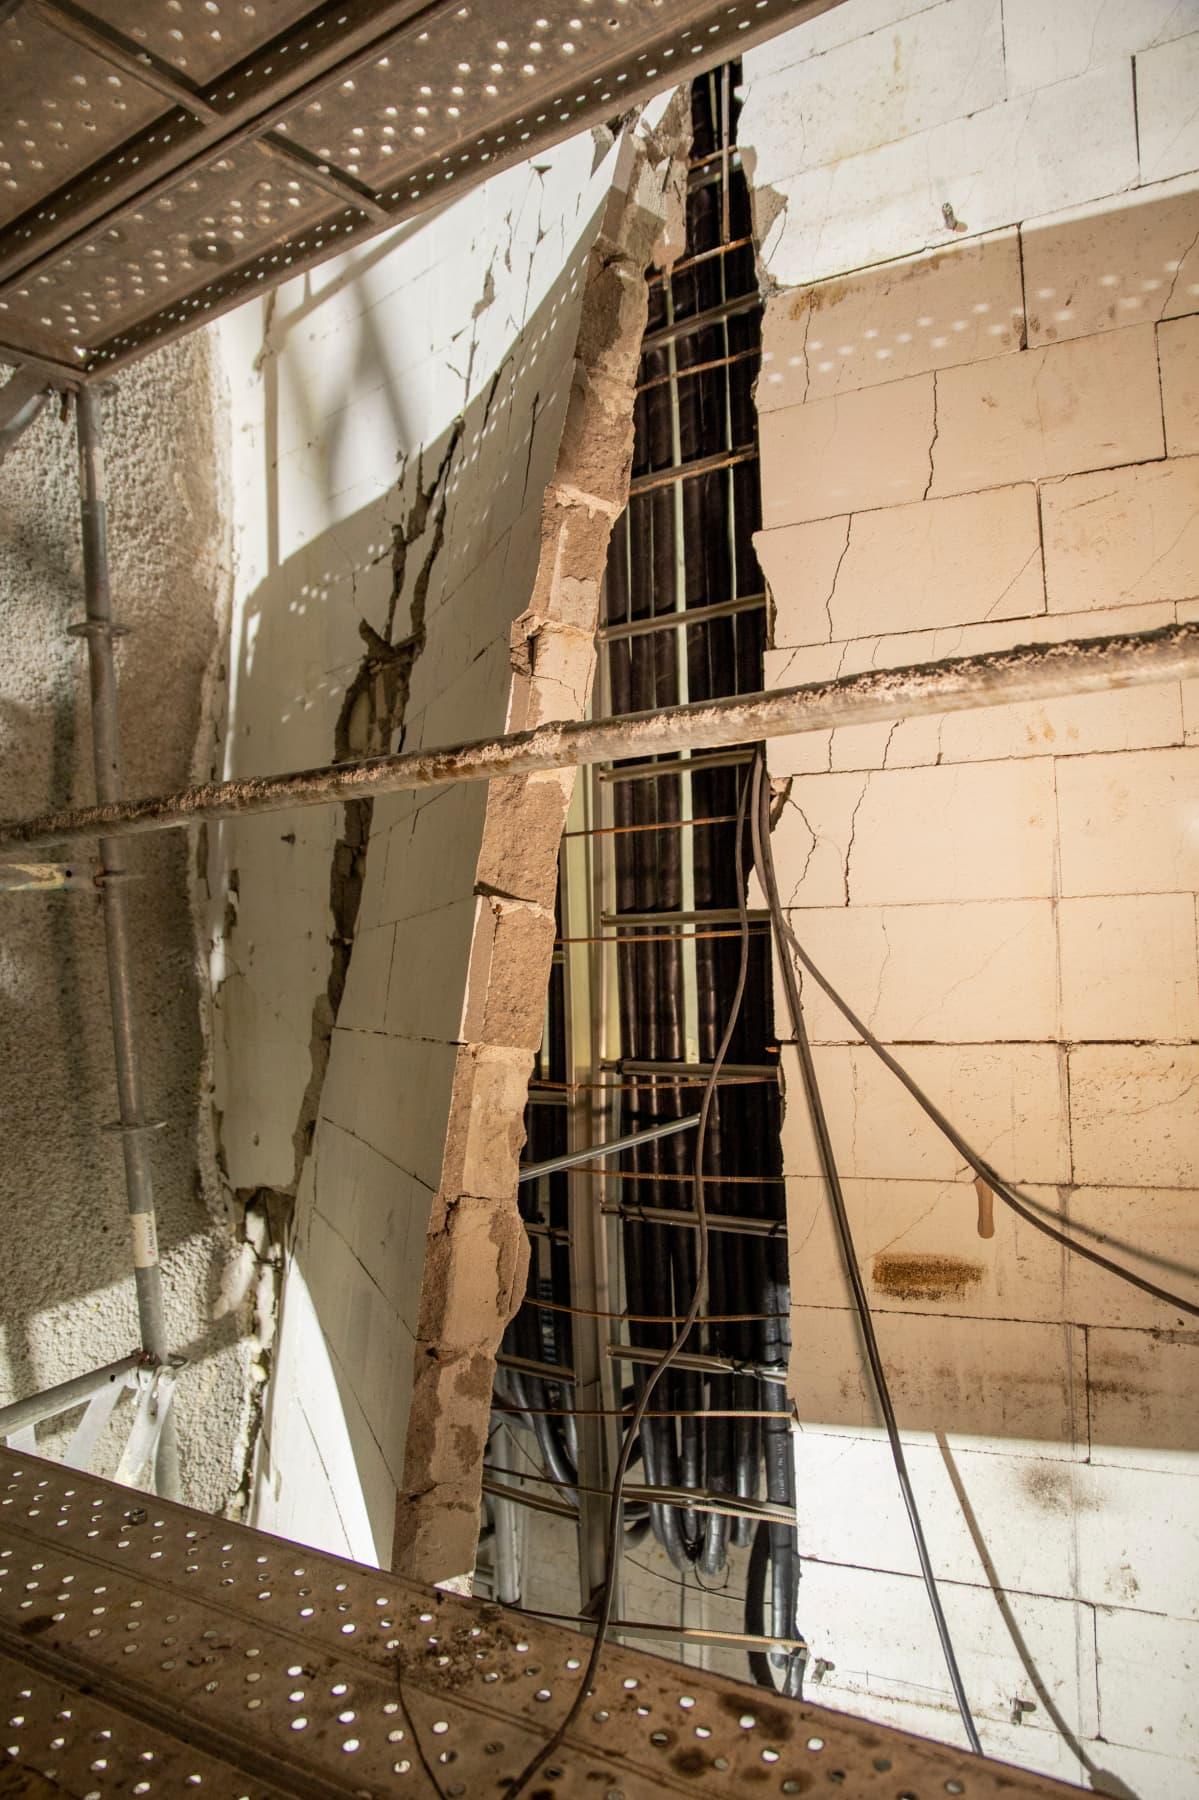 Vesivuodon seurauksena haljennut hissikuilun seinä Helsigin päärautatieaseman ja metroaseman välillä.